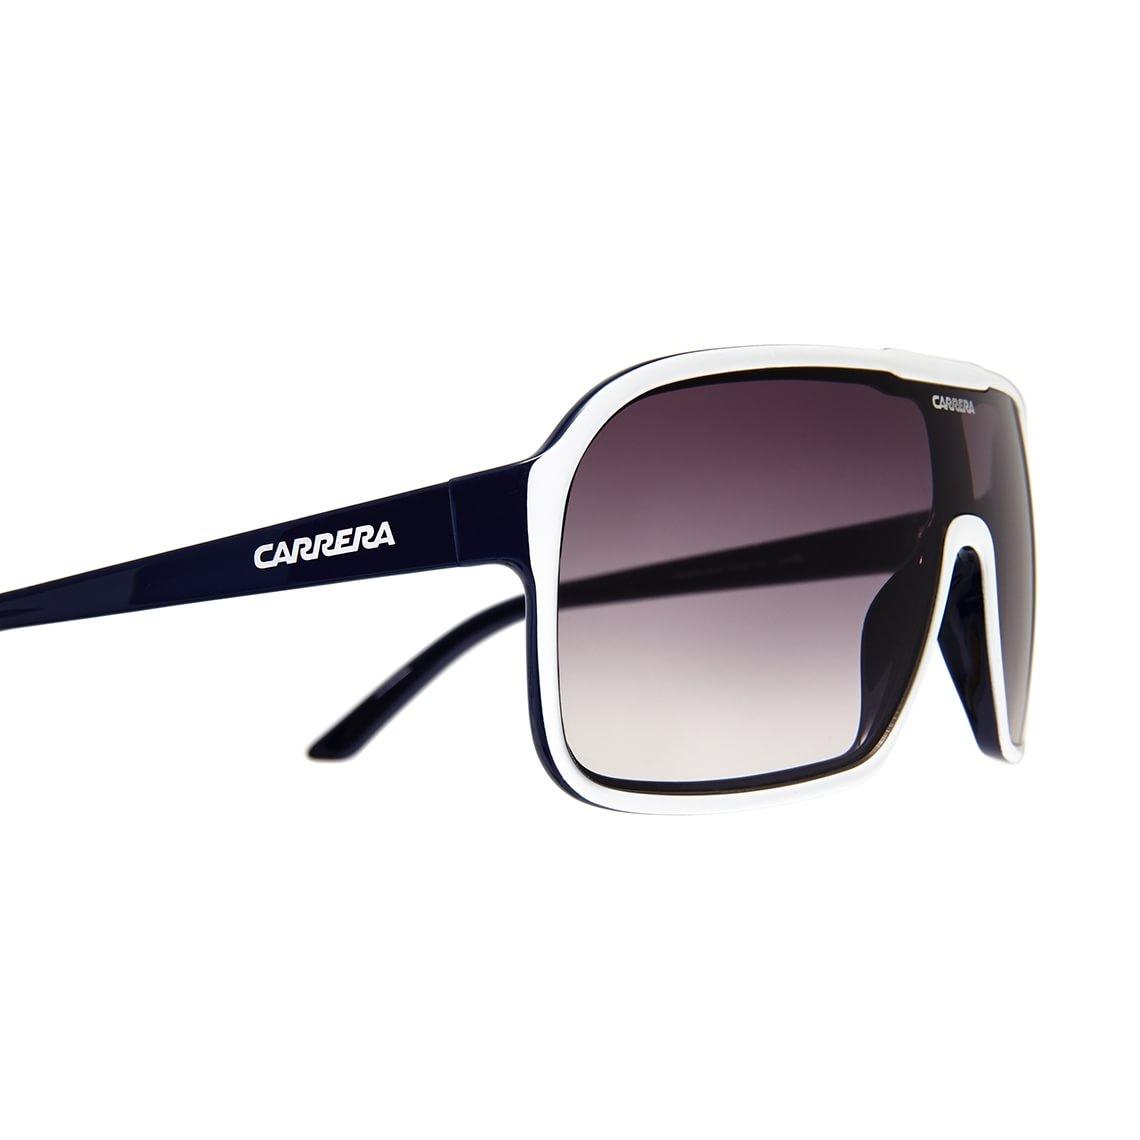 Carrera CARRERA 5530 2TW